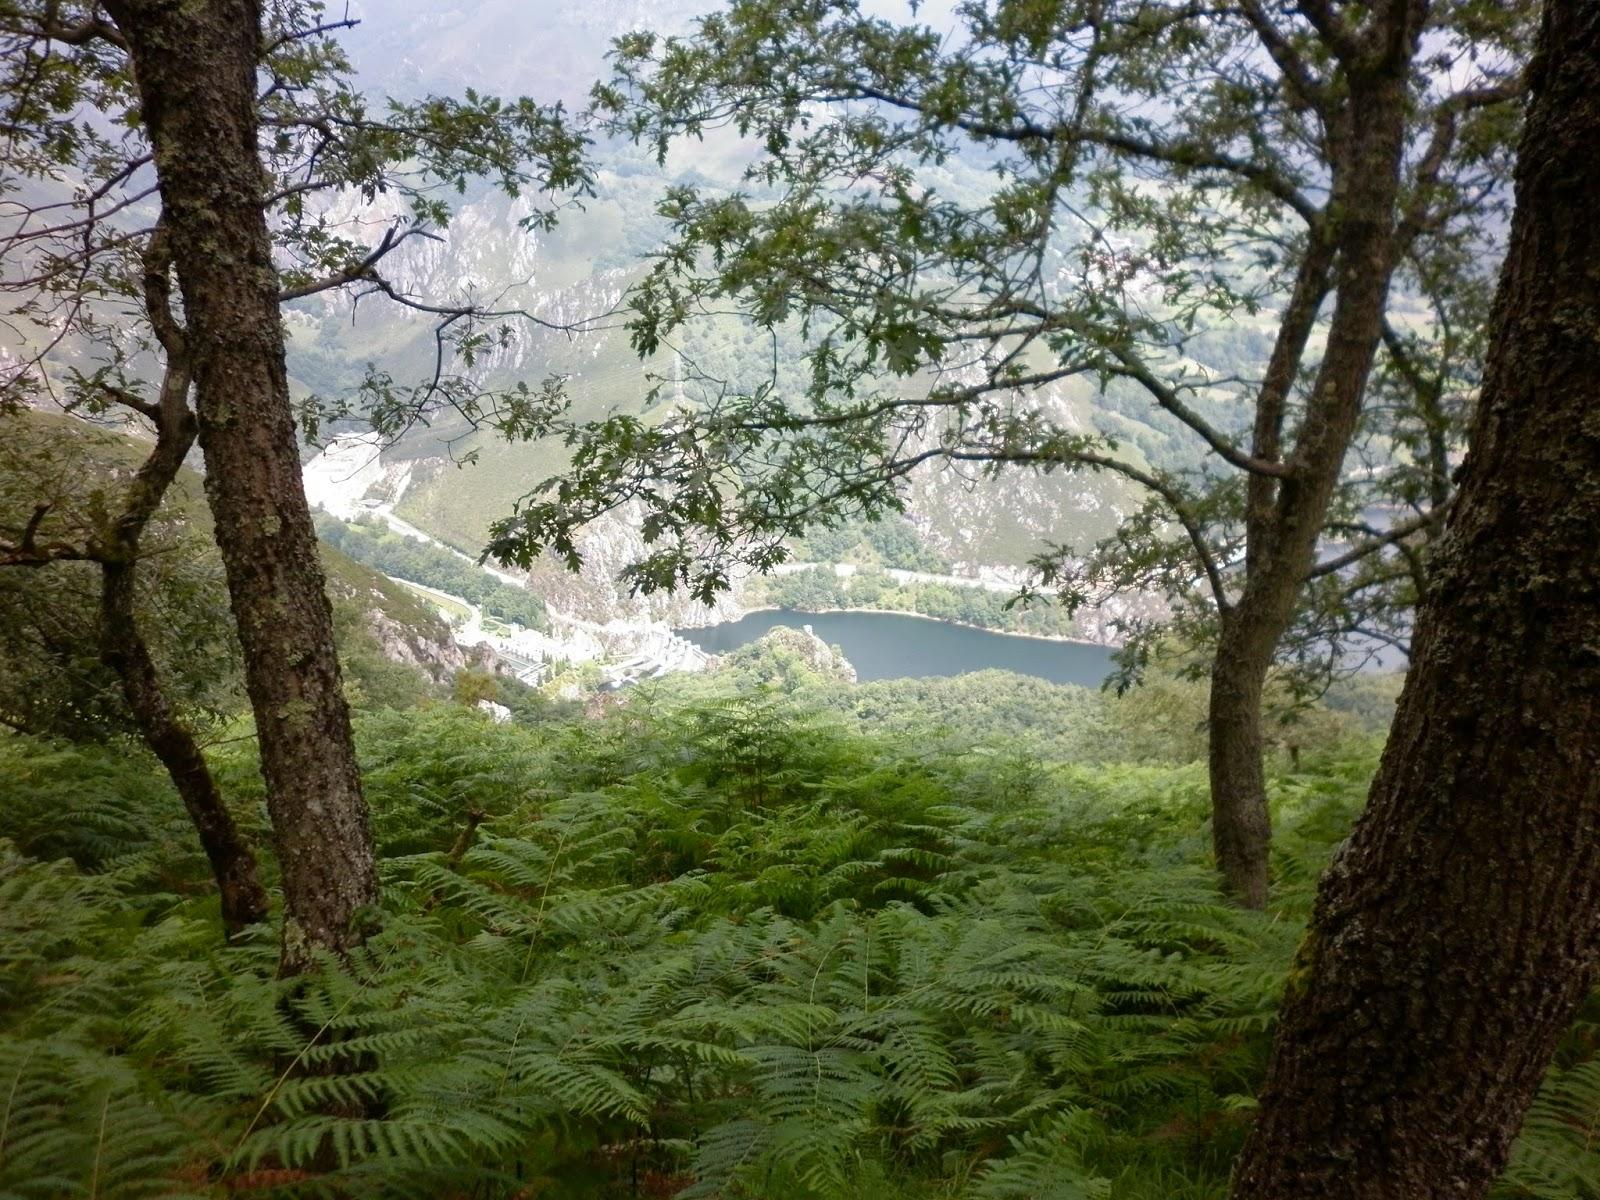 Vegetación abundante en la Sierra del Crespón